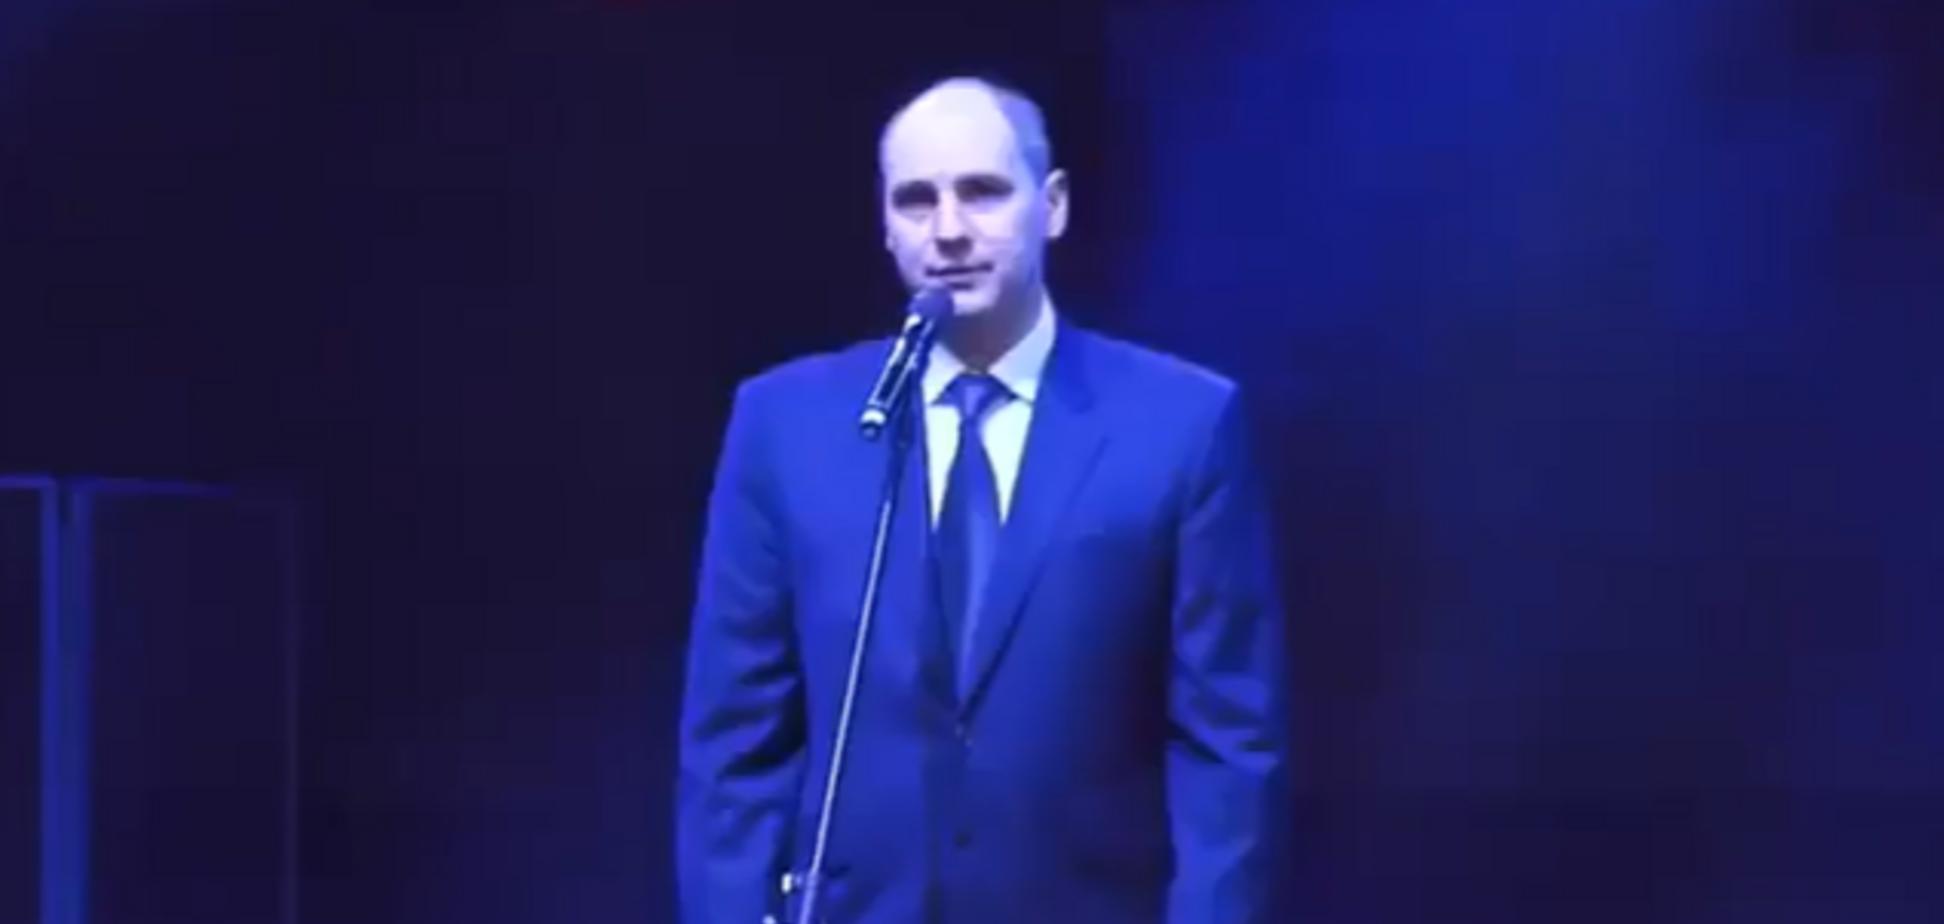 Російський губернатор побажав війни кожній родині: відео конфузу